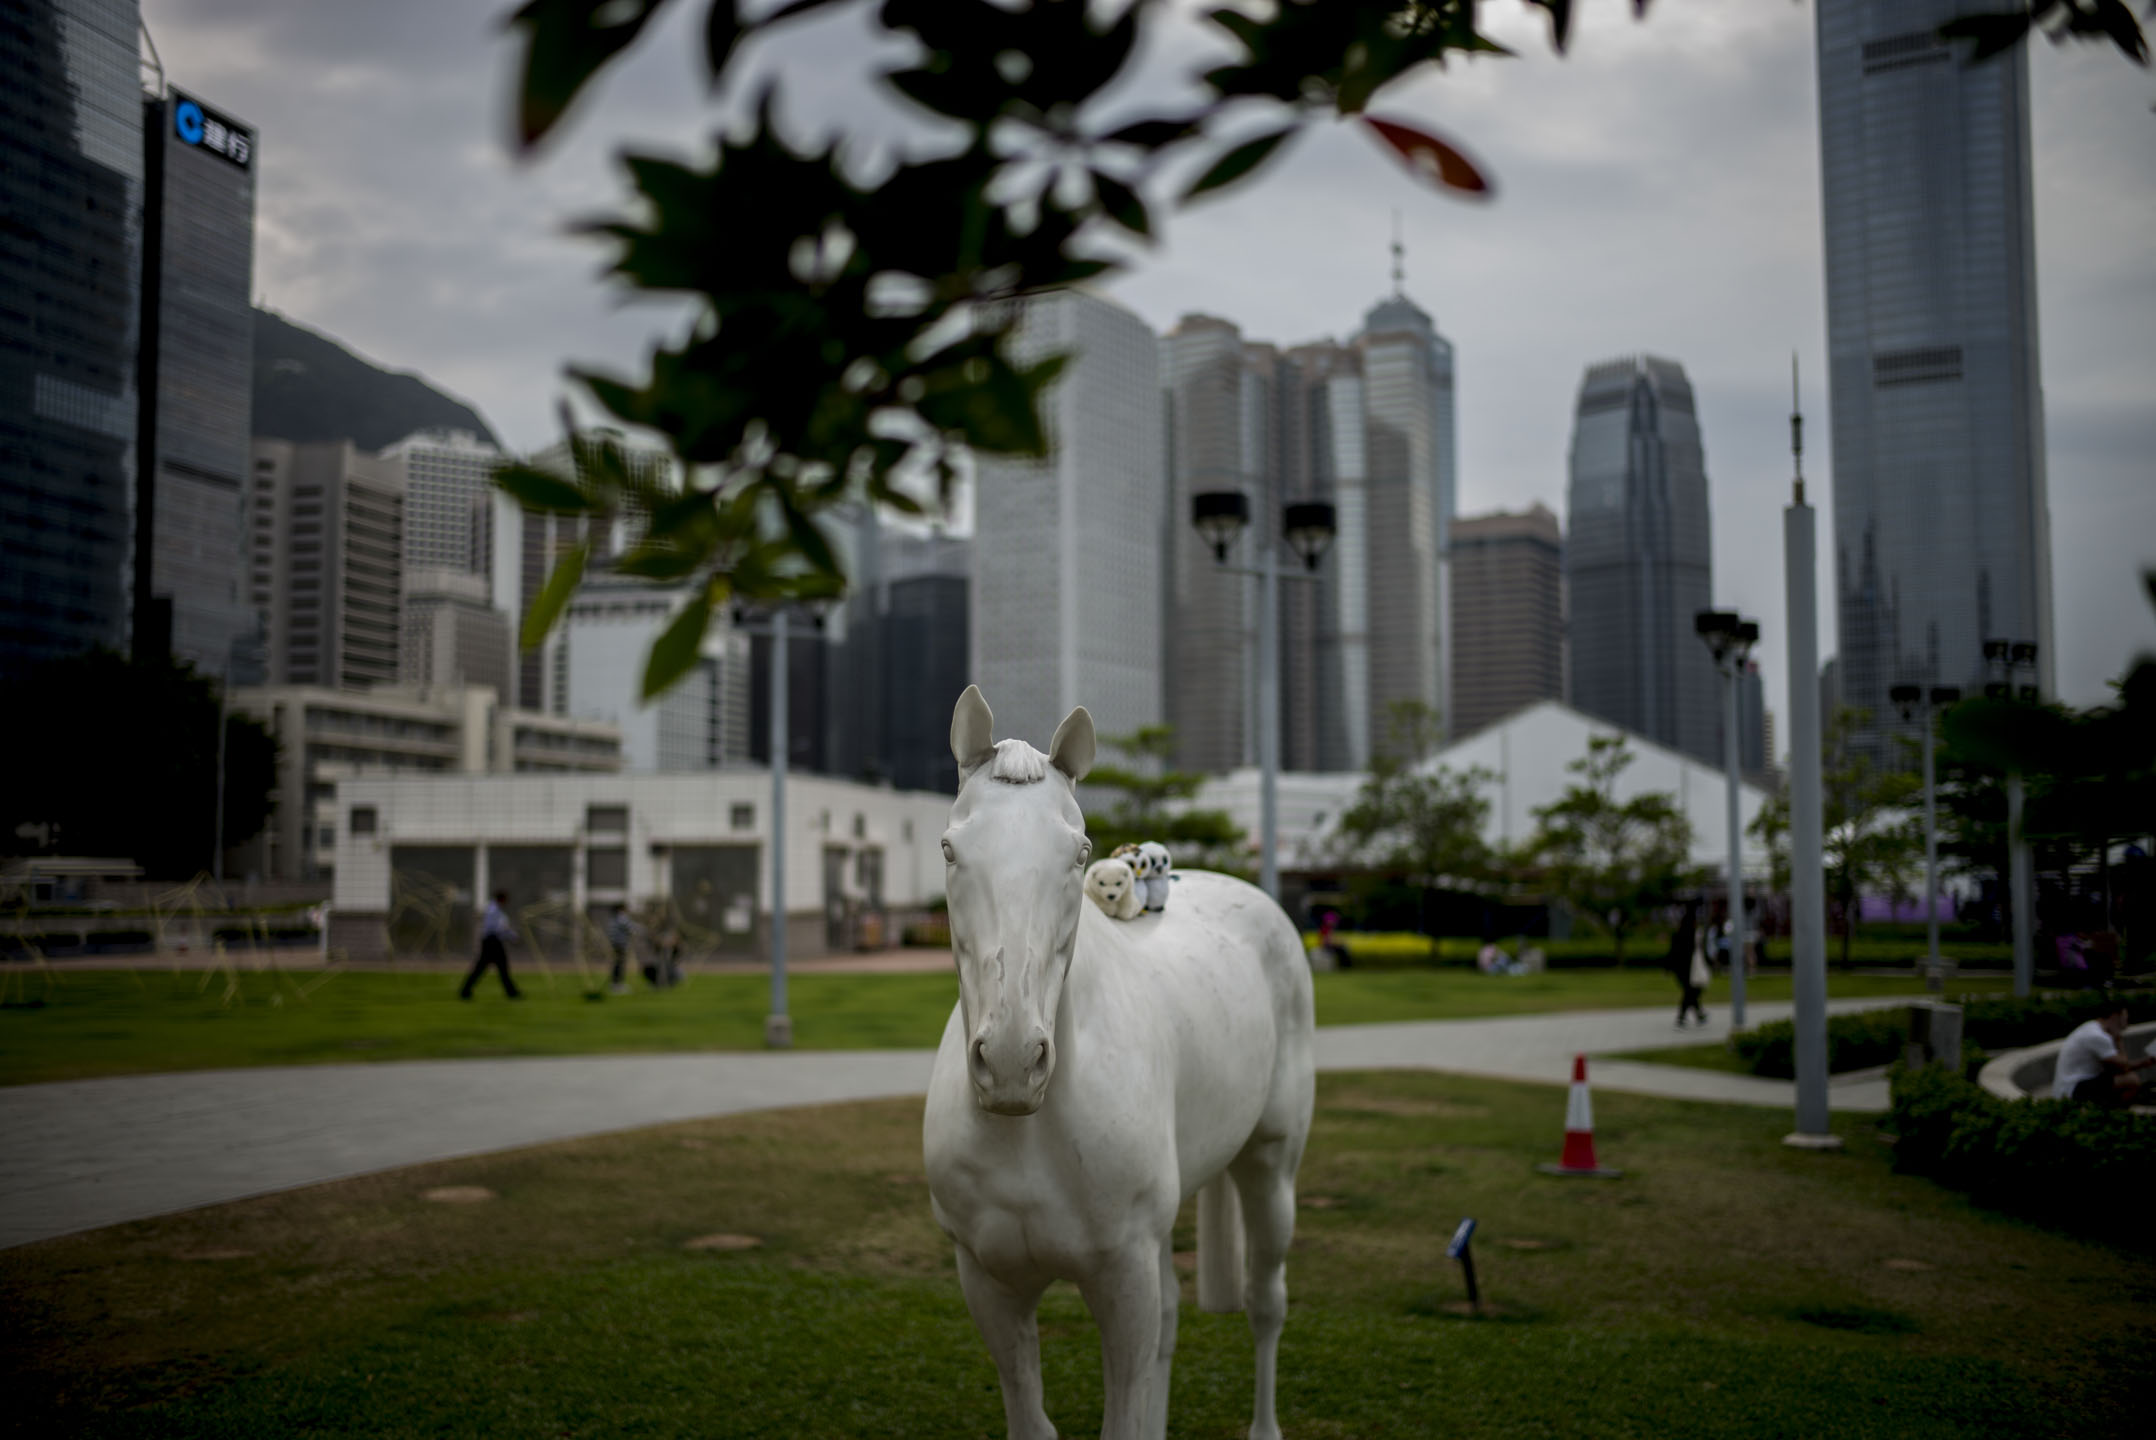 十年之間的香港當代藝術,由仰賴政府資助的小眾活動,變成能賺錢的盛事,交易金額隨著國際級畫廊進駐水漲船高、公私營藝術機構爭相把重點項目擠進黃金檔期──但藝術大爆炸的背後,真正的受惠的,會是為藝術勞動的人嗎? 攝:林振東/端傳媒